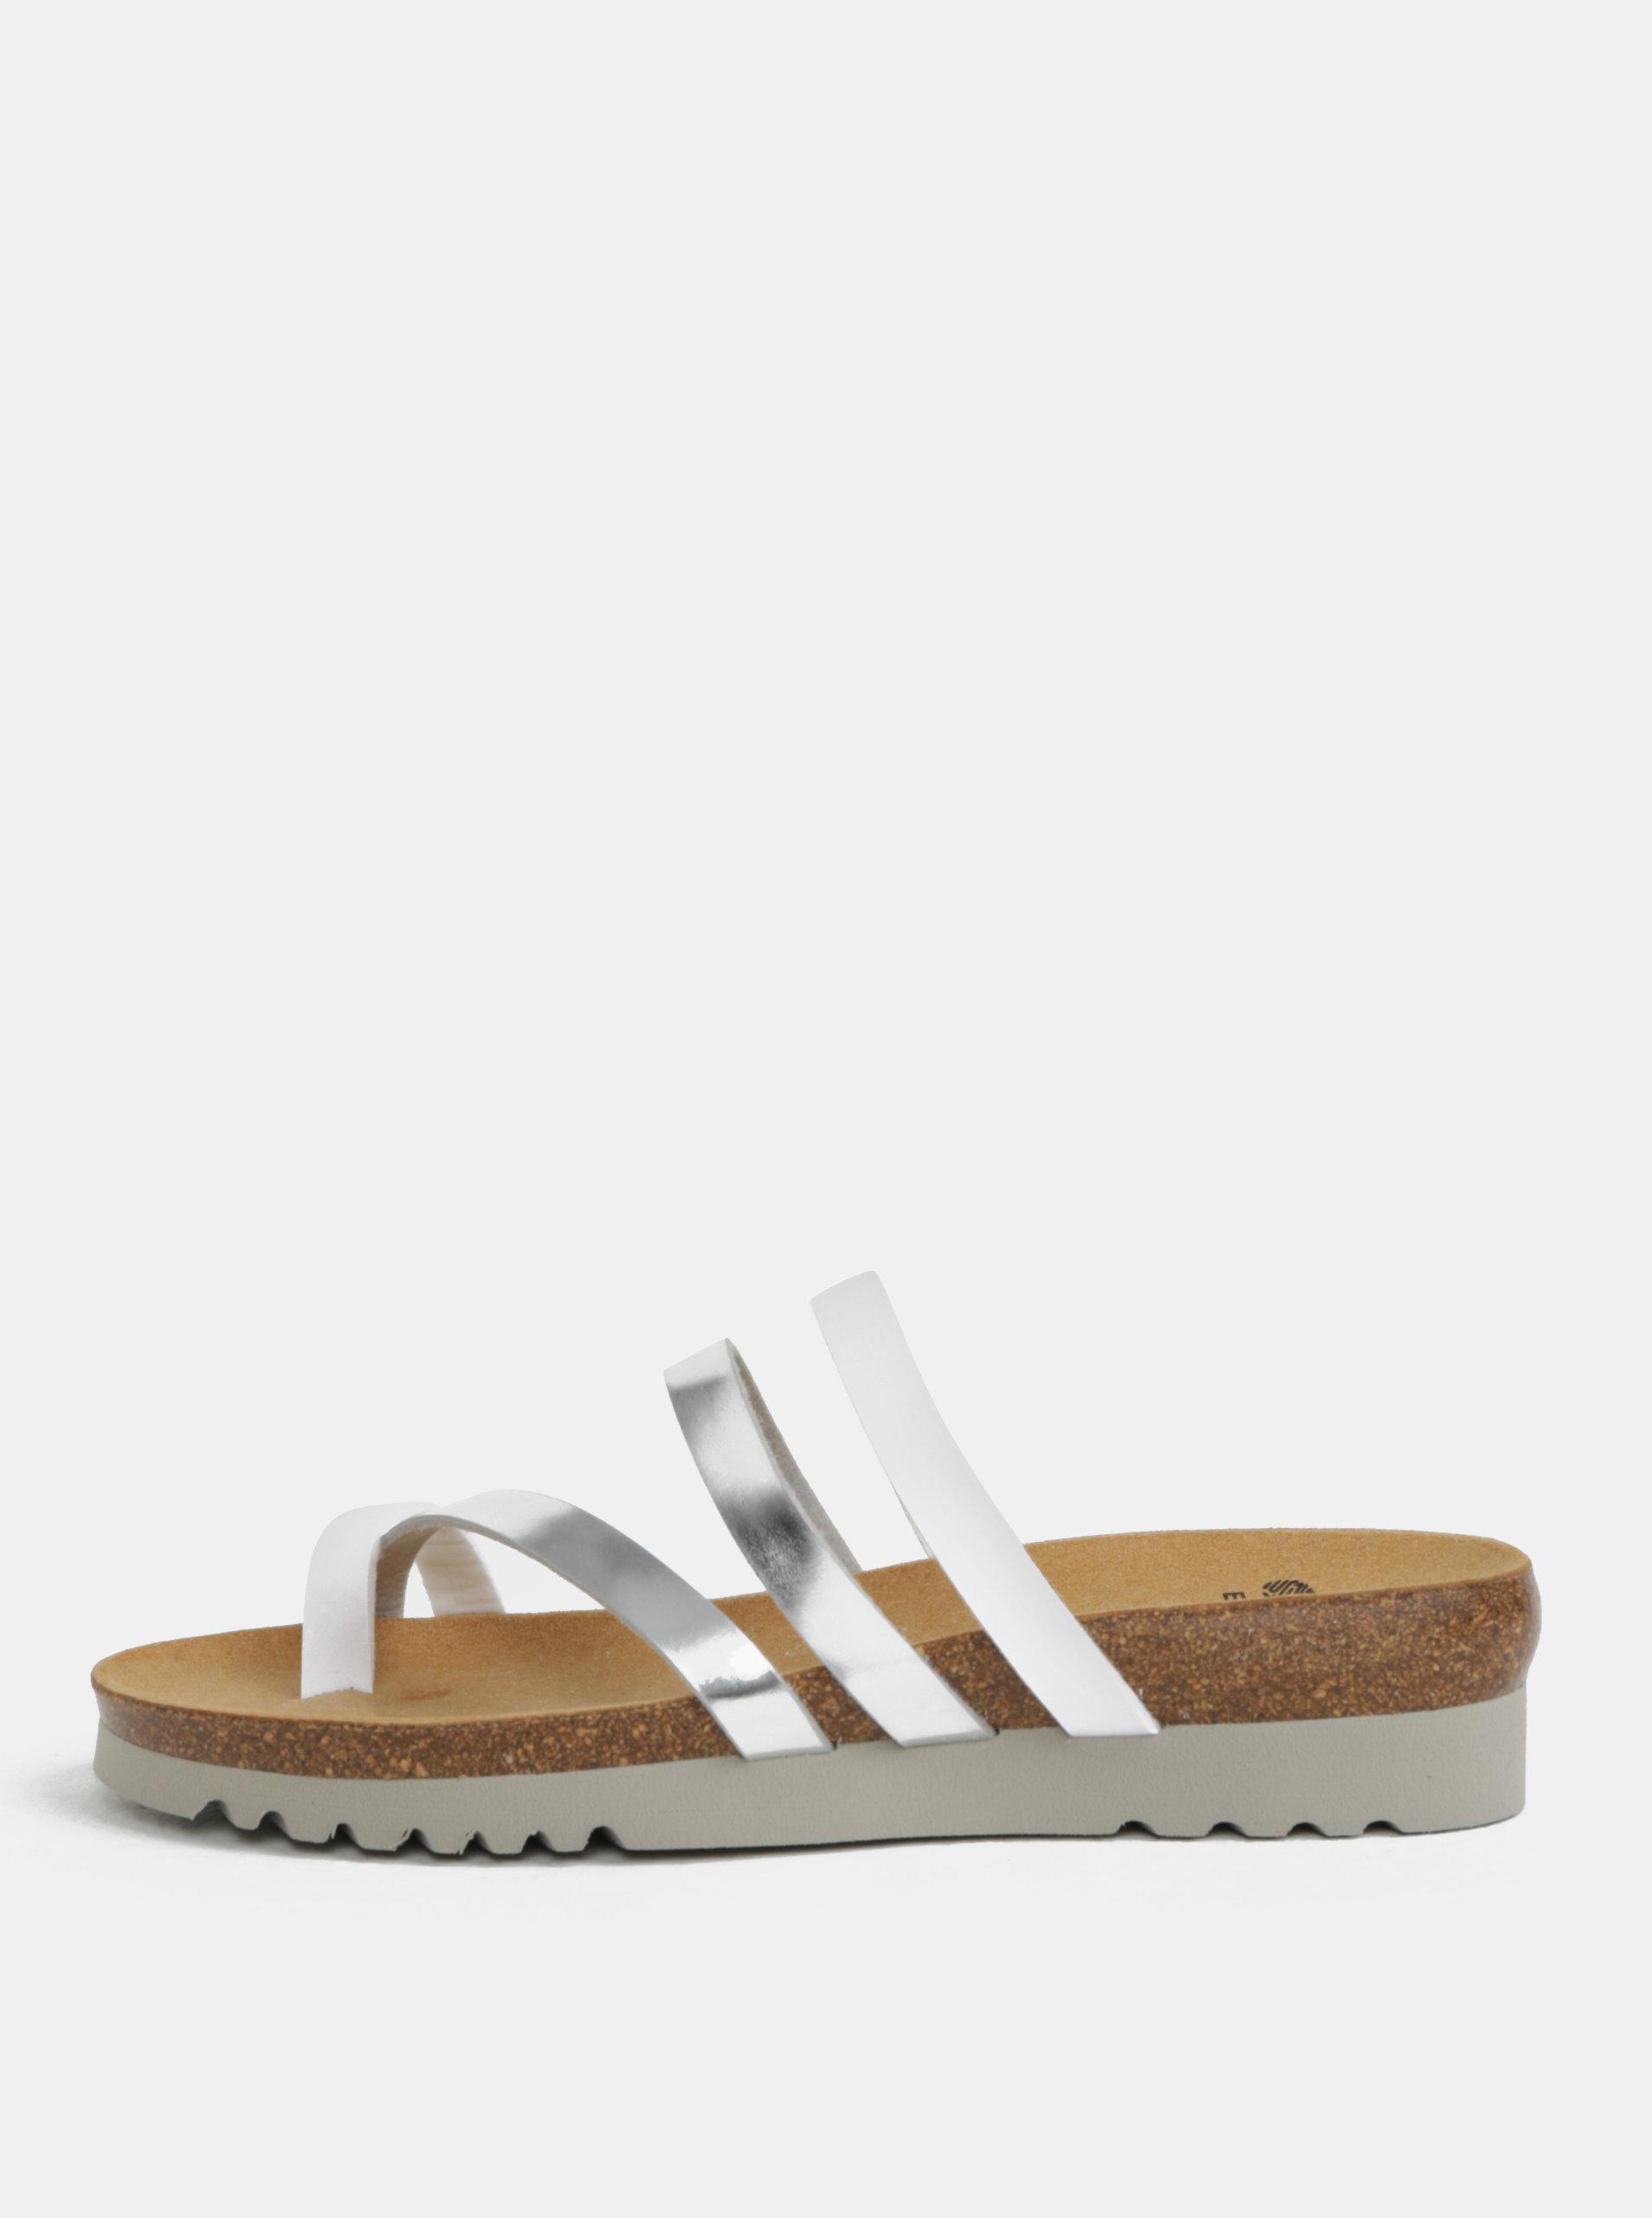 Dámské zdravotní pantofle ve stříbrné barvě Scholl Alma ... defef40101